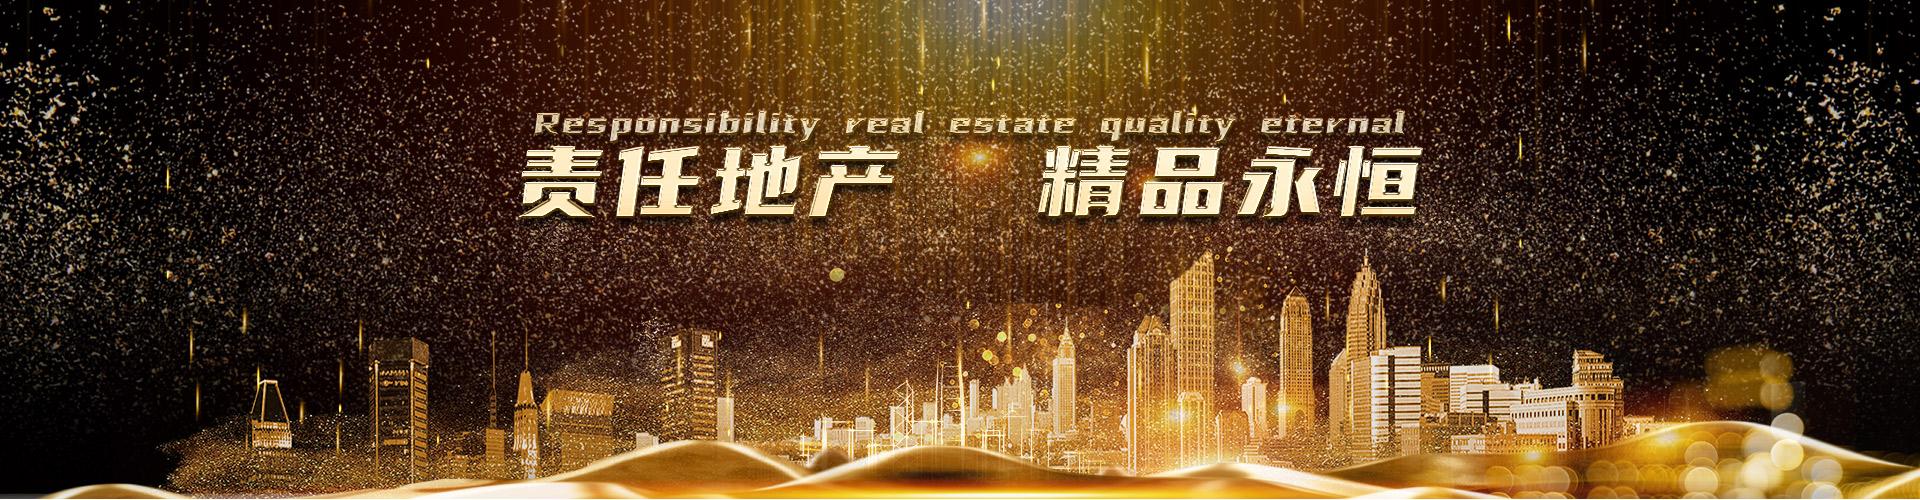 明洲全产业链整合营销